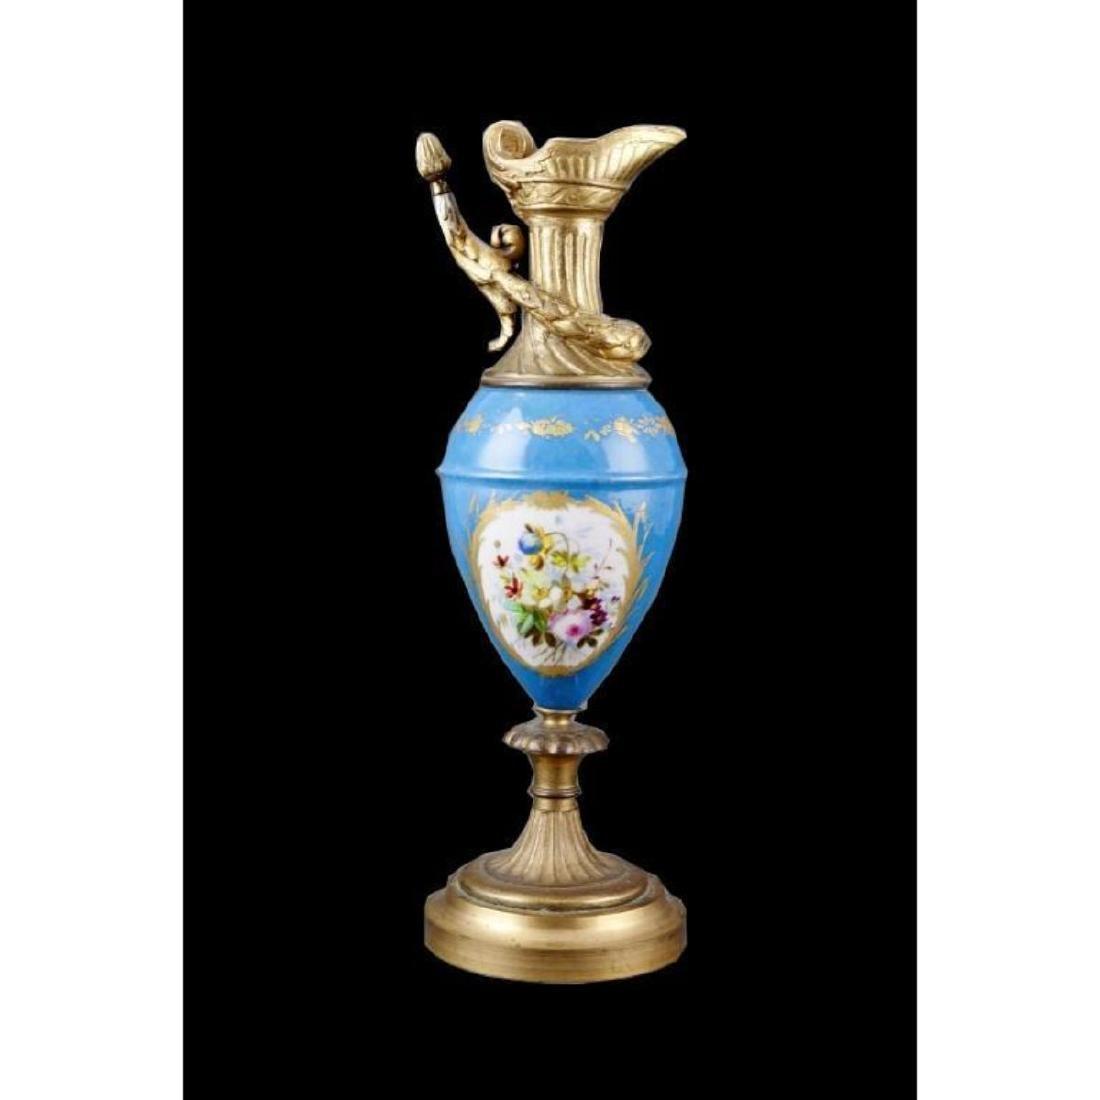 19thc Porcelain & Gilt Urn